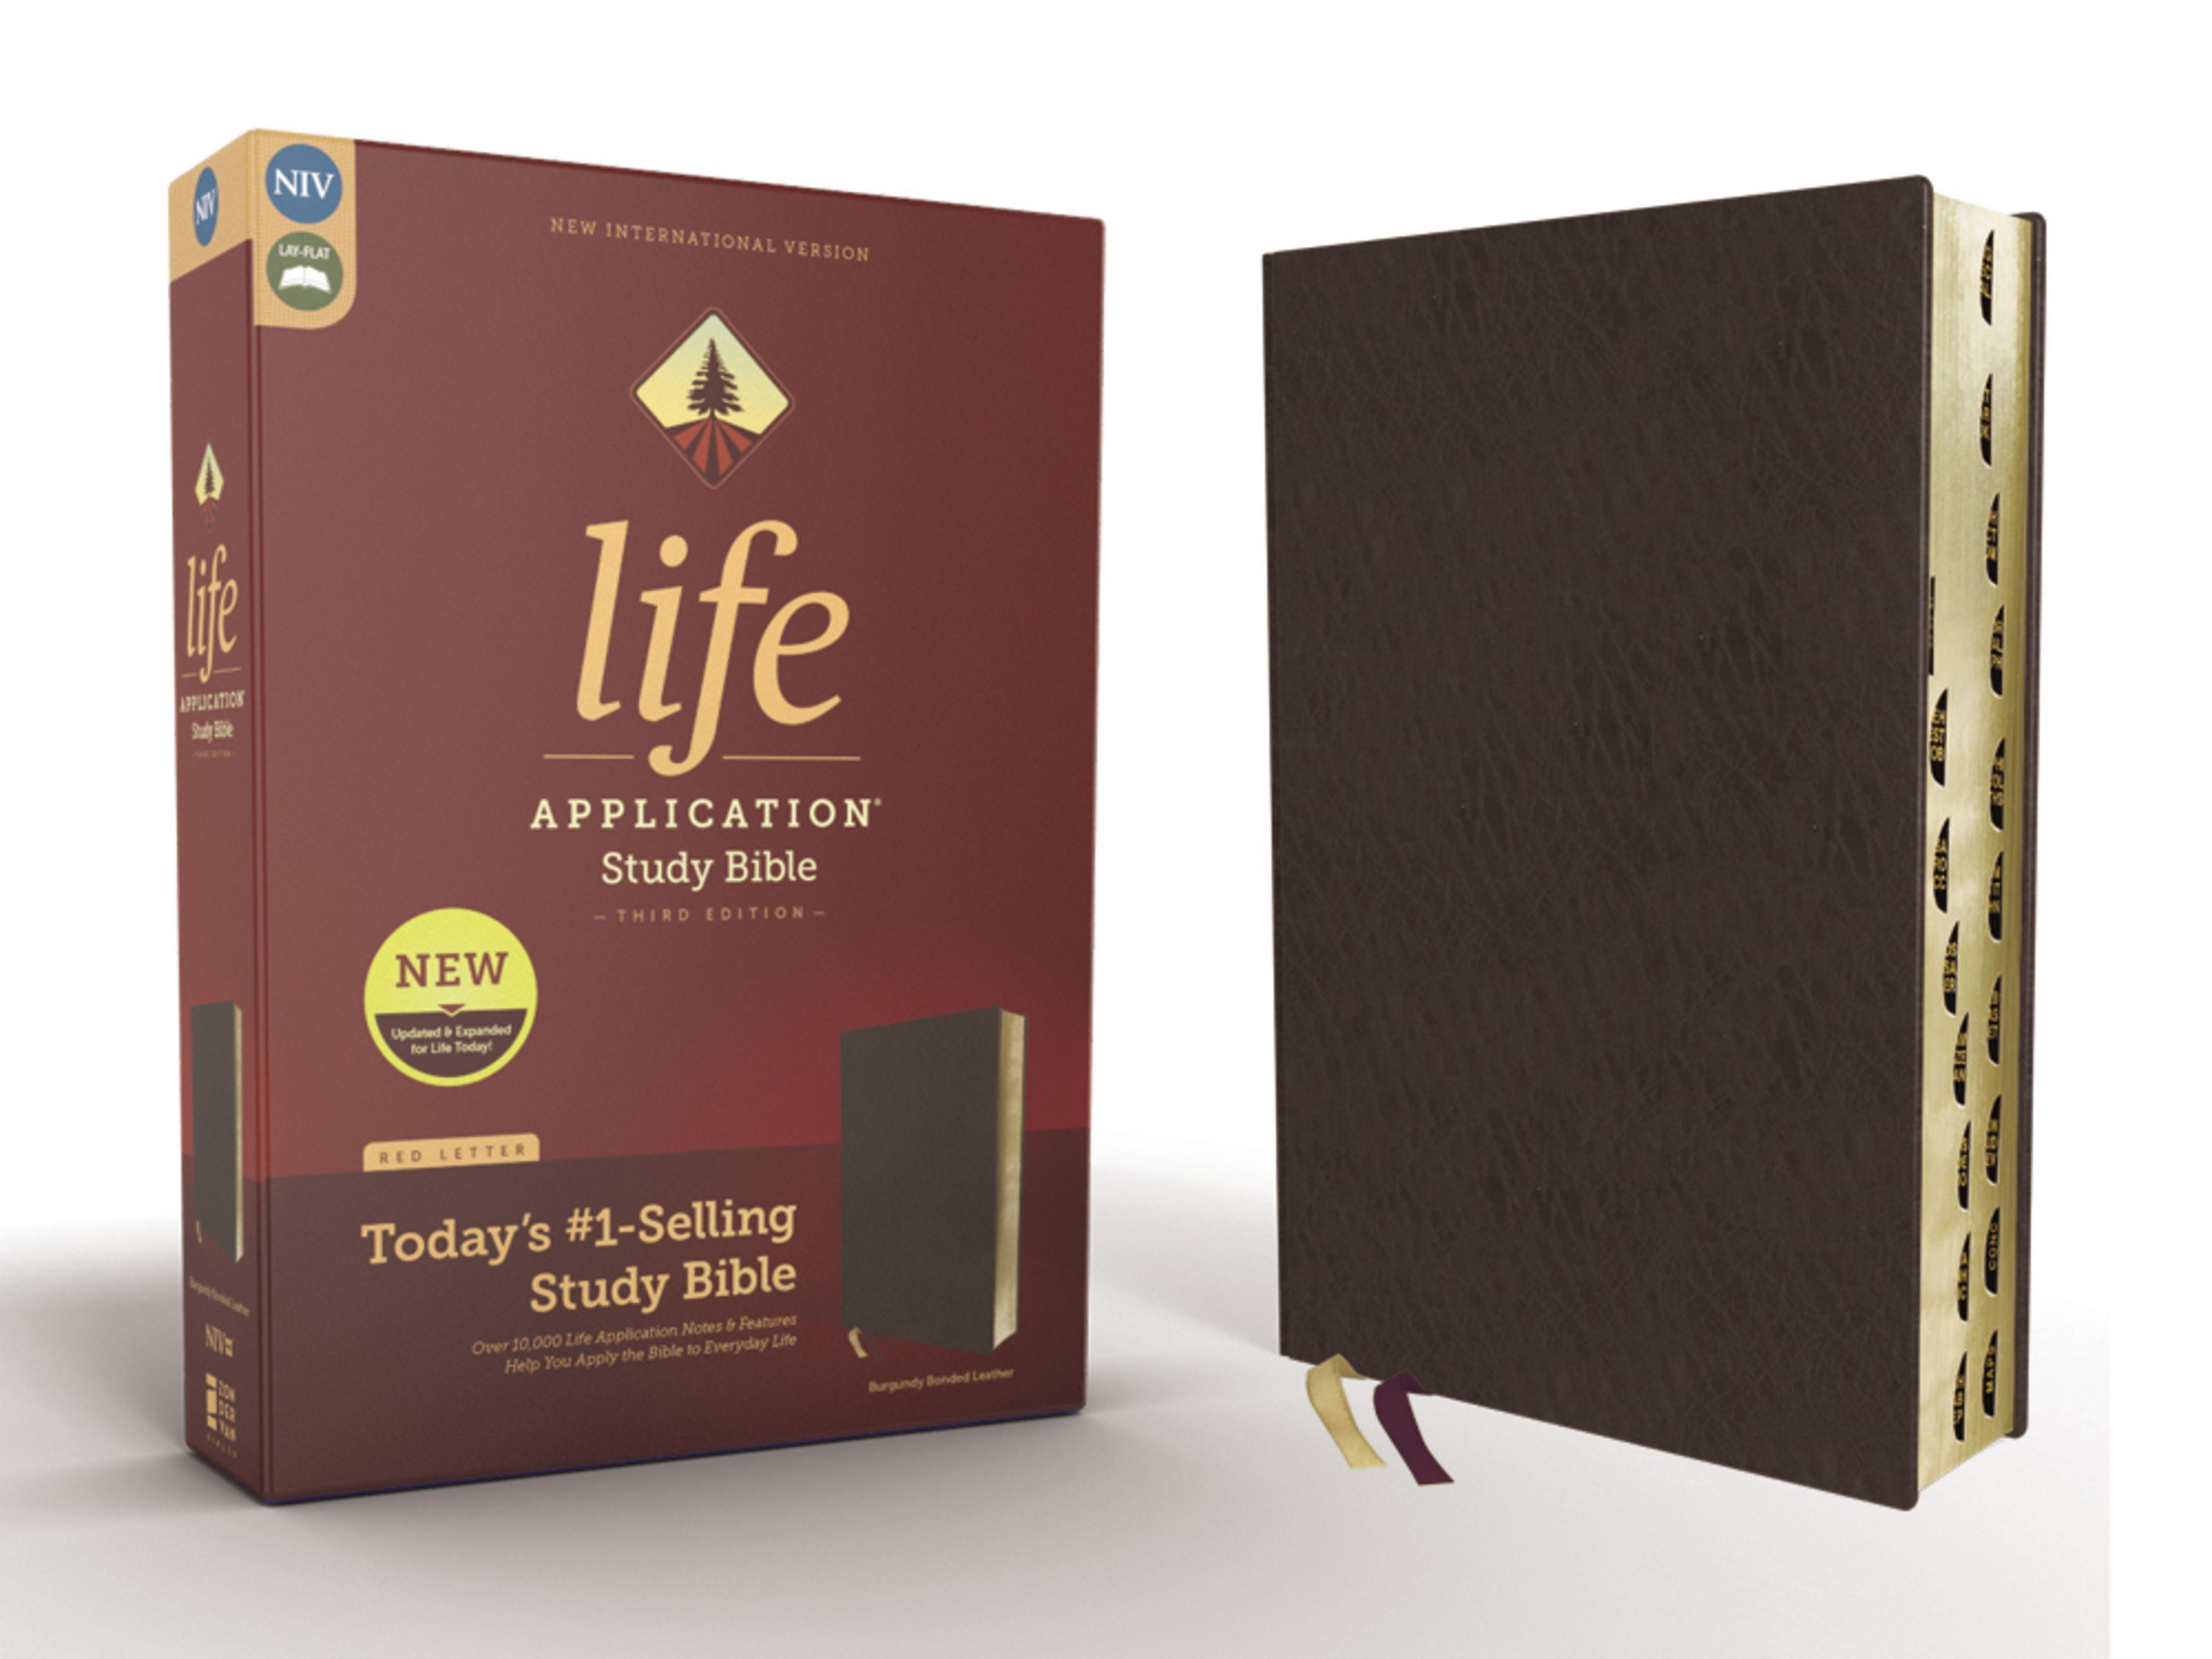 Niv Study Bible Pdf